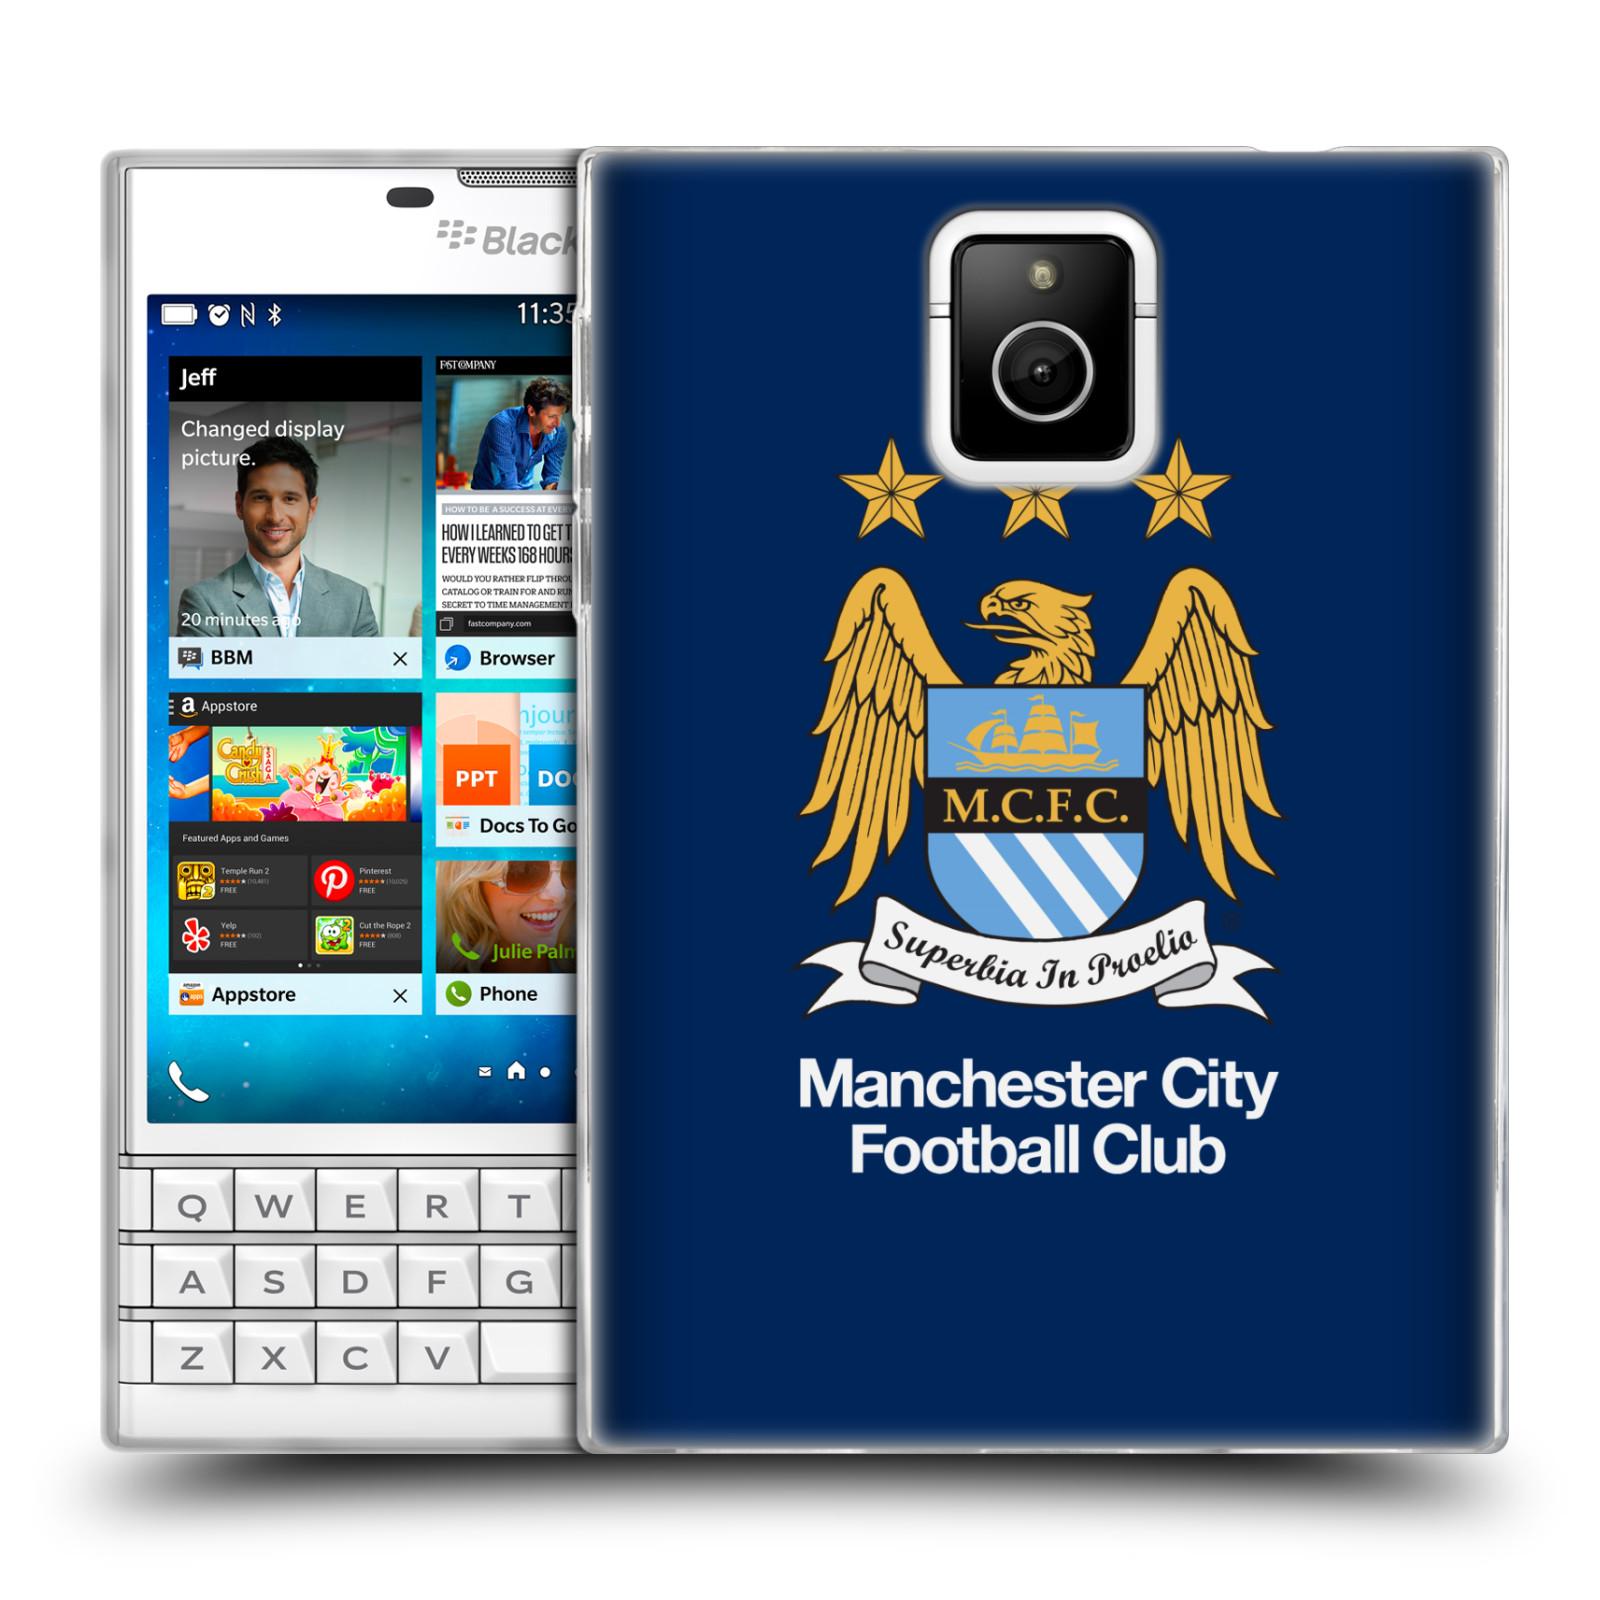 HEAD CASE silikonový obal na mobil Blackberry PASSPORT Fotbalový klub Manchester City modré pozadí velký znak